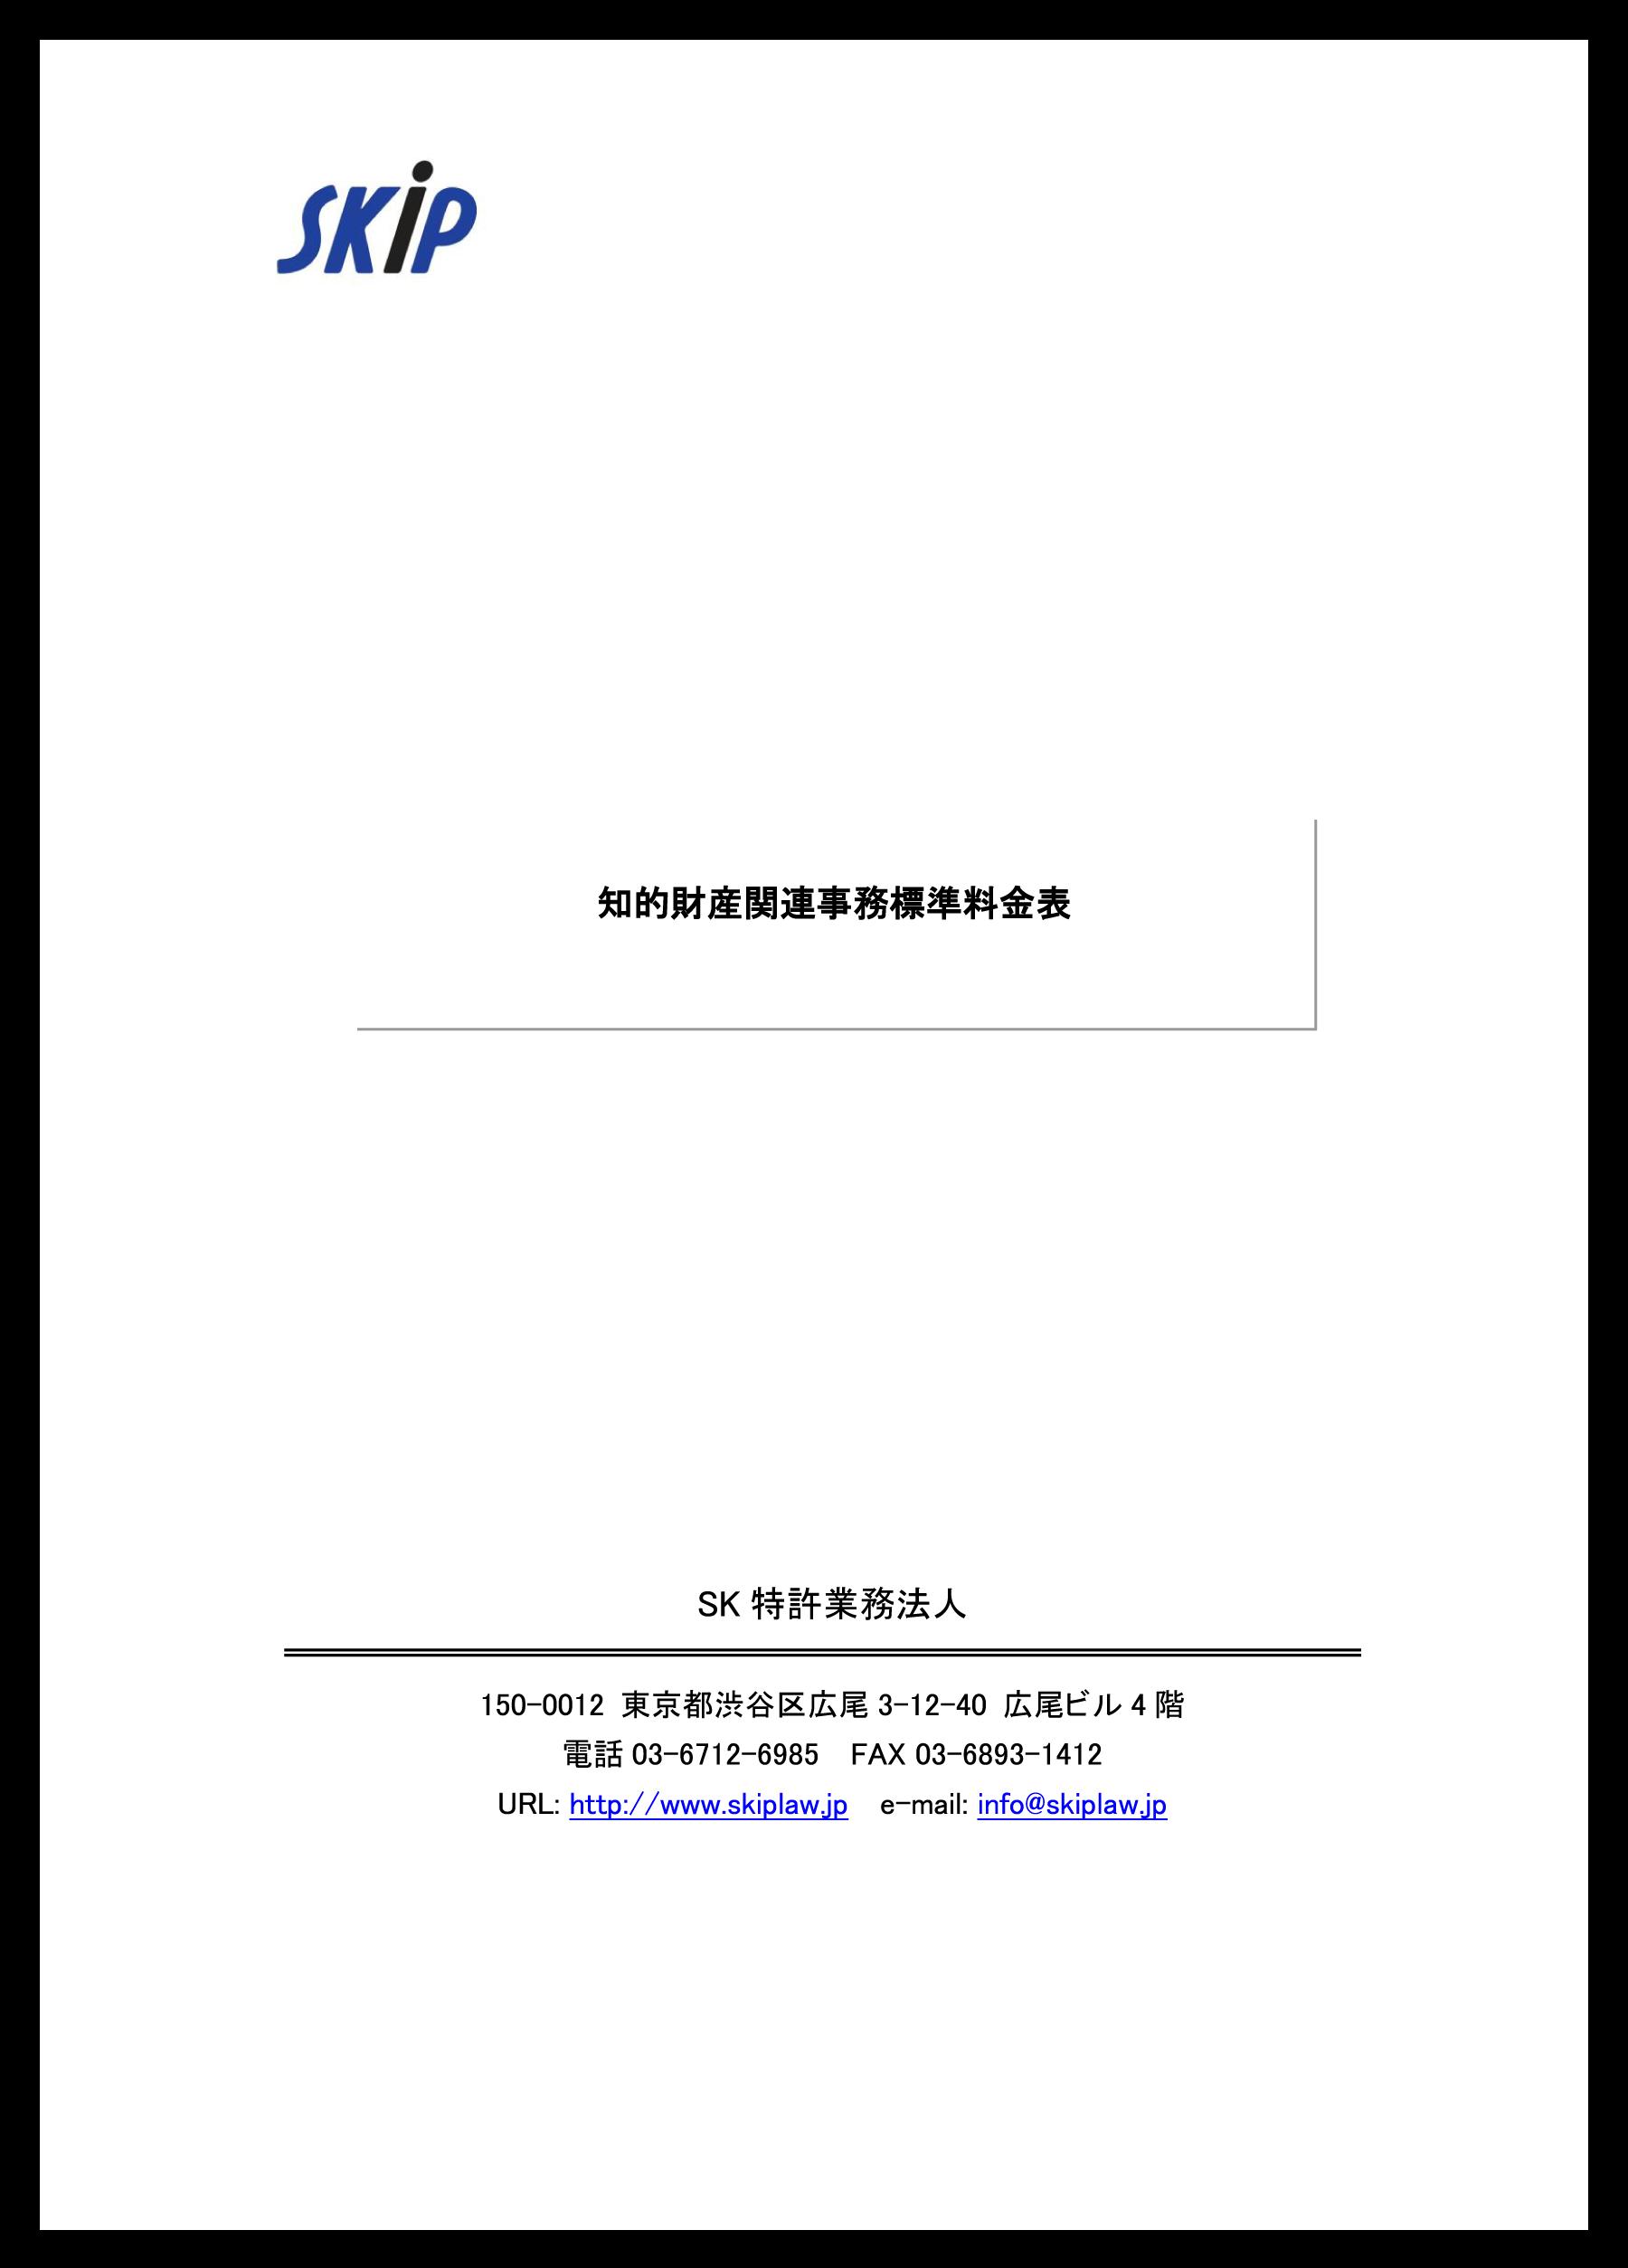 SK特許業務法人料金表